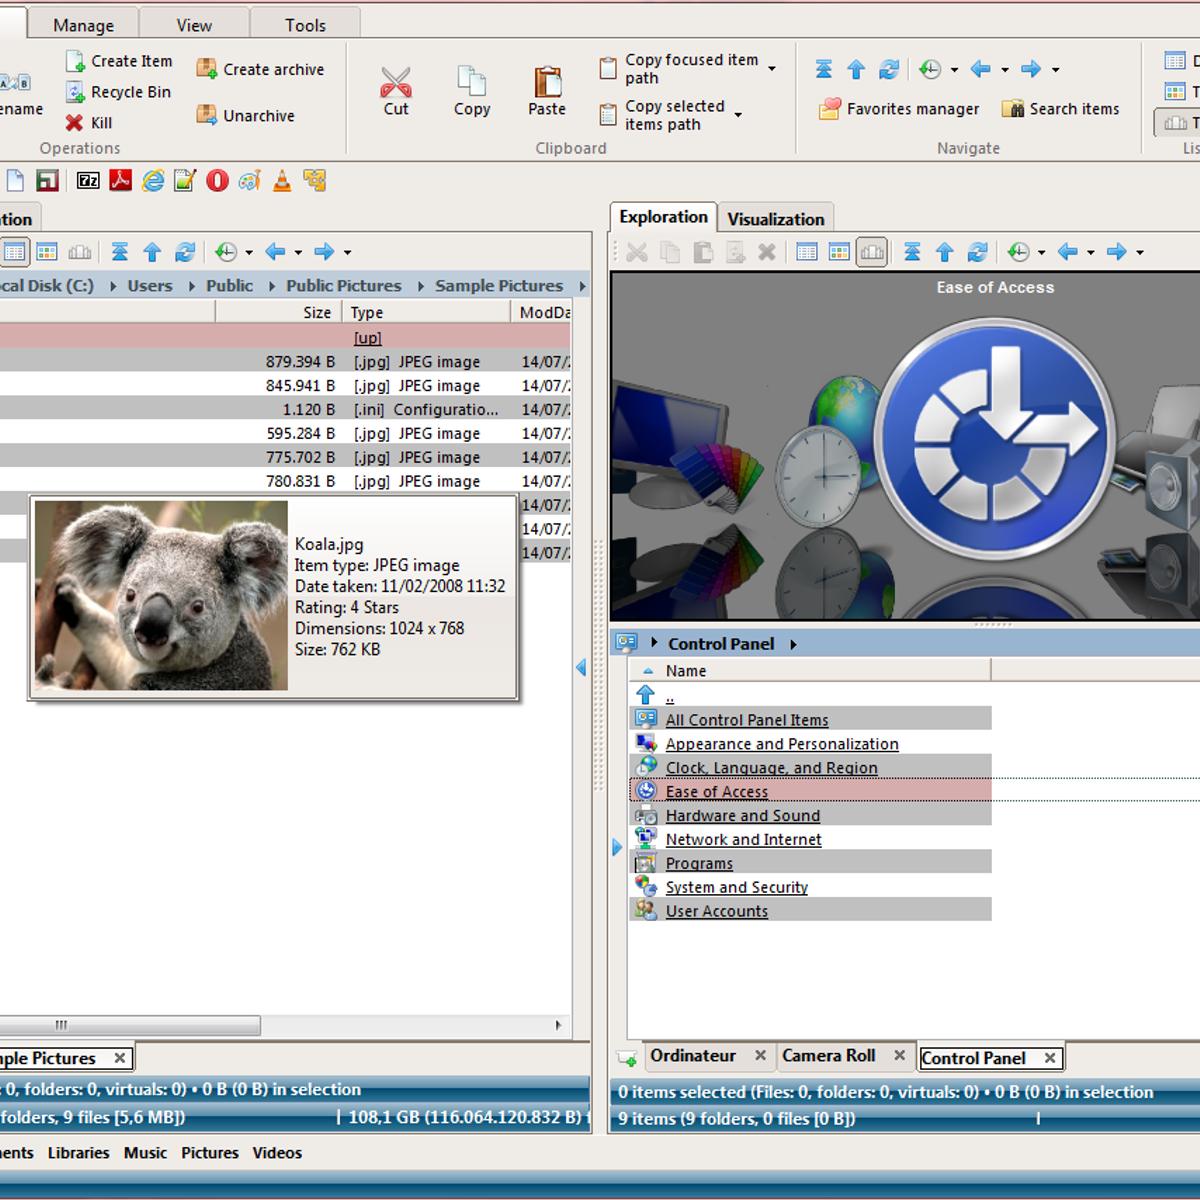 FileVoyager Alternatives and Similar Software - AlternativeTo net